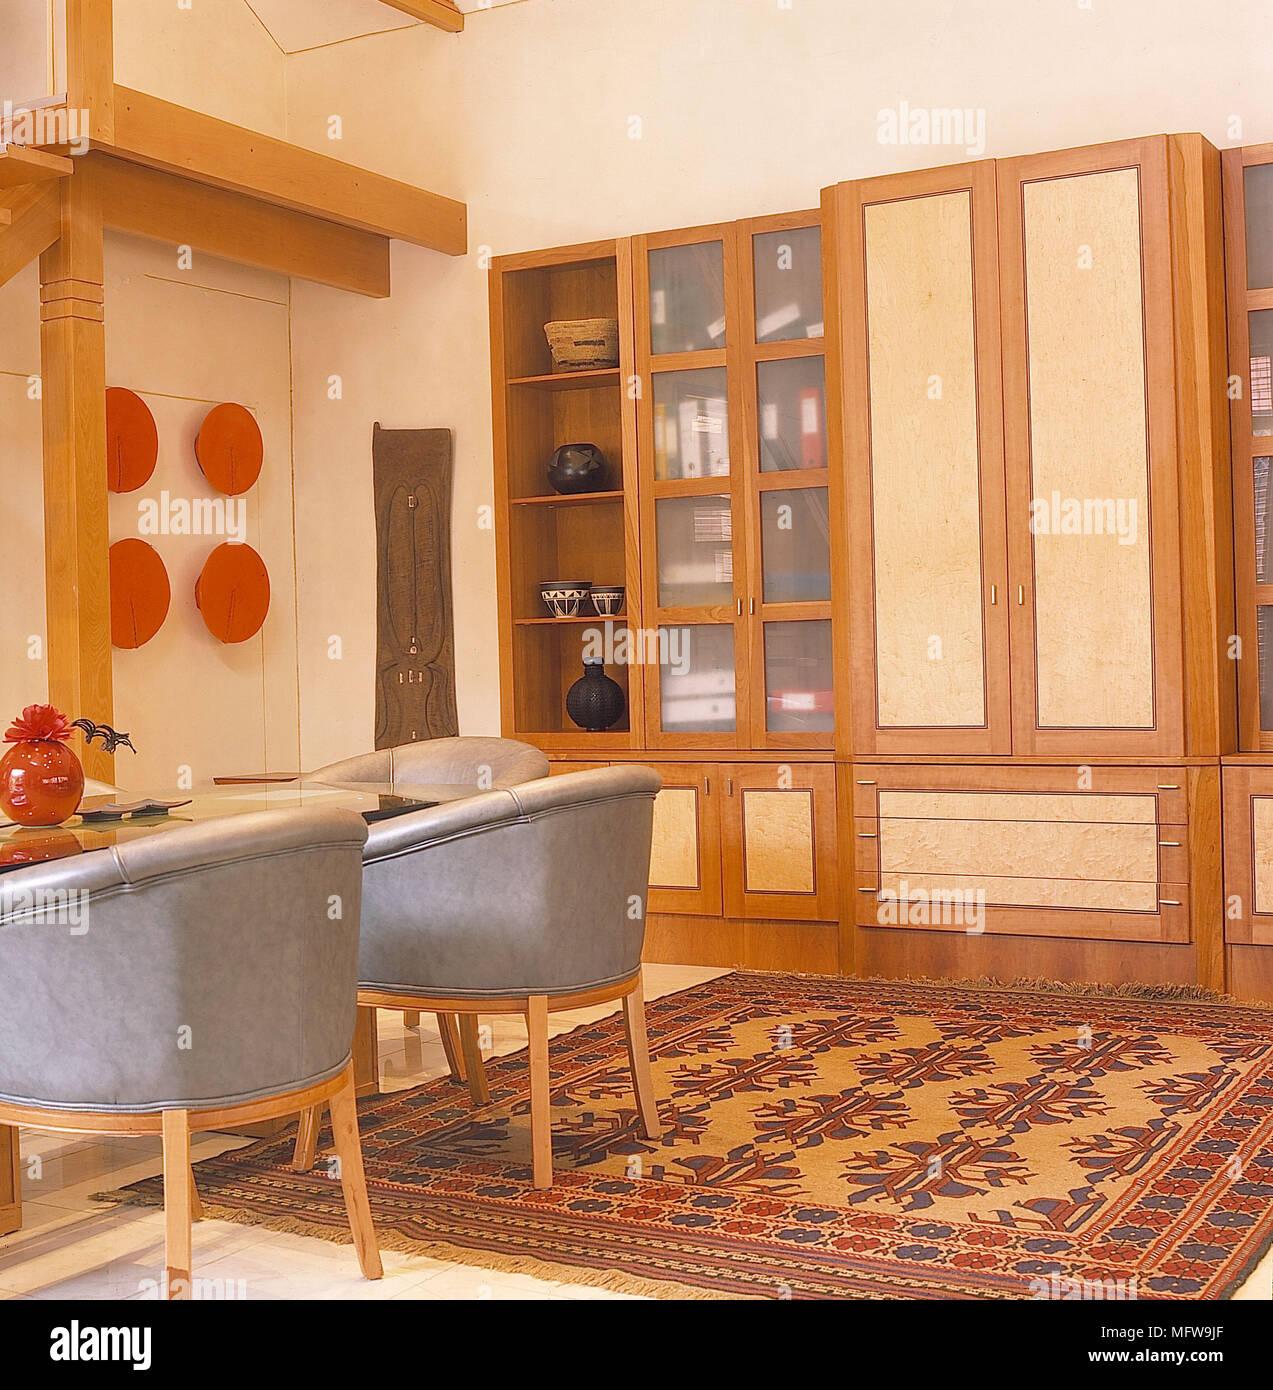 Sala De Paredes Brancas Detalhe Madeira Vidro Vitrinas Couro Cinzento  Cadeiras De Hidromassagem Interiores Tapete Moderno